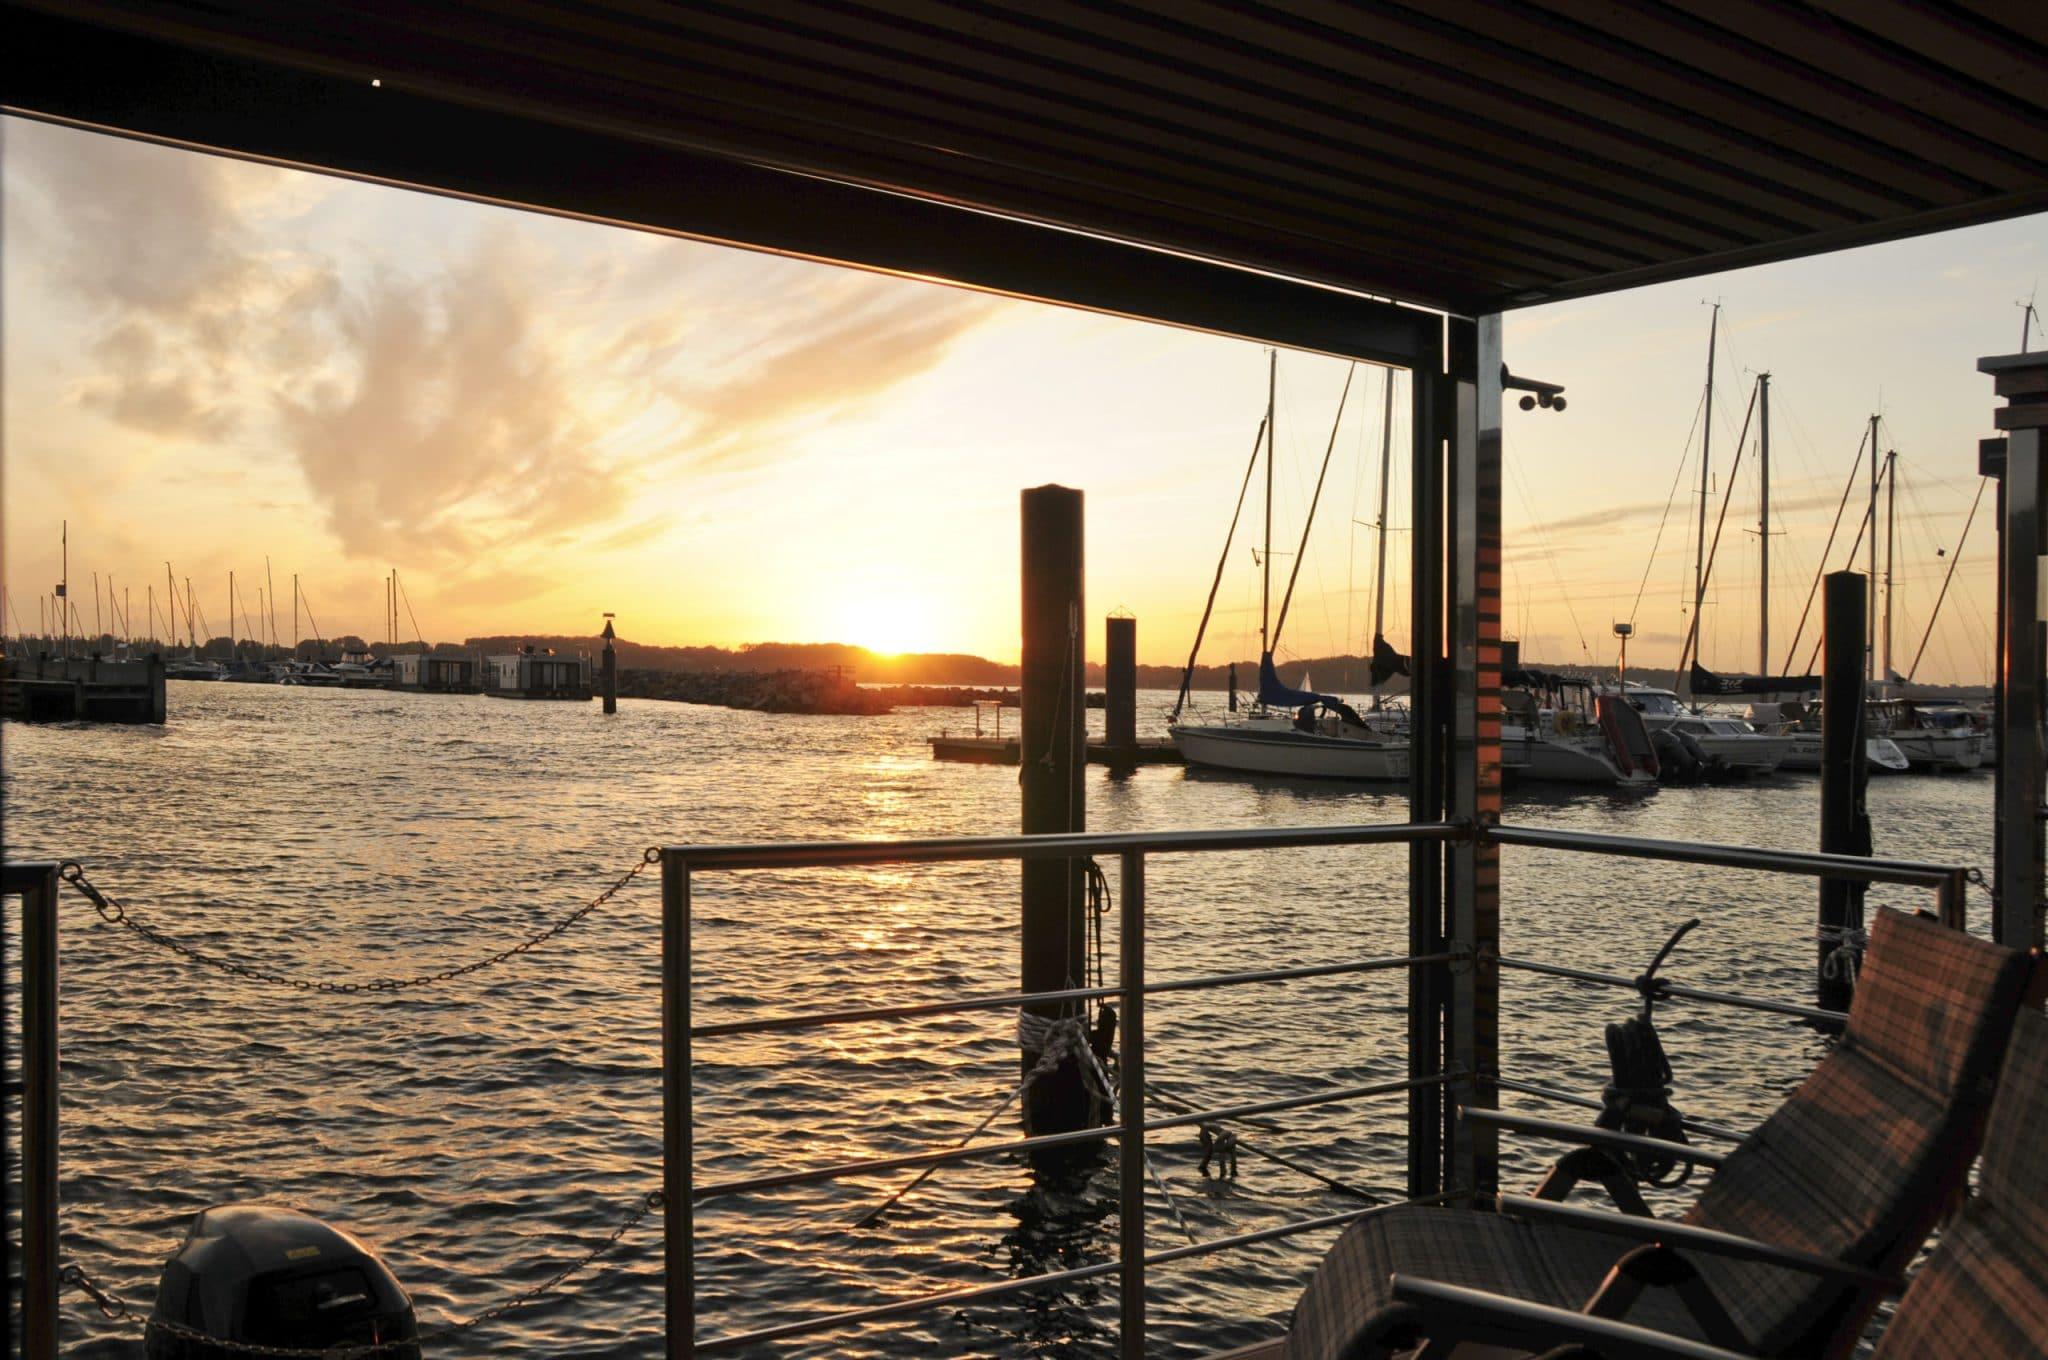 Urlaub im Hausboot - Traumhafte aussicht im Hafen von Lelystad